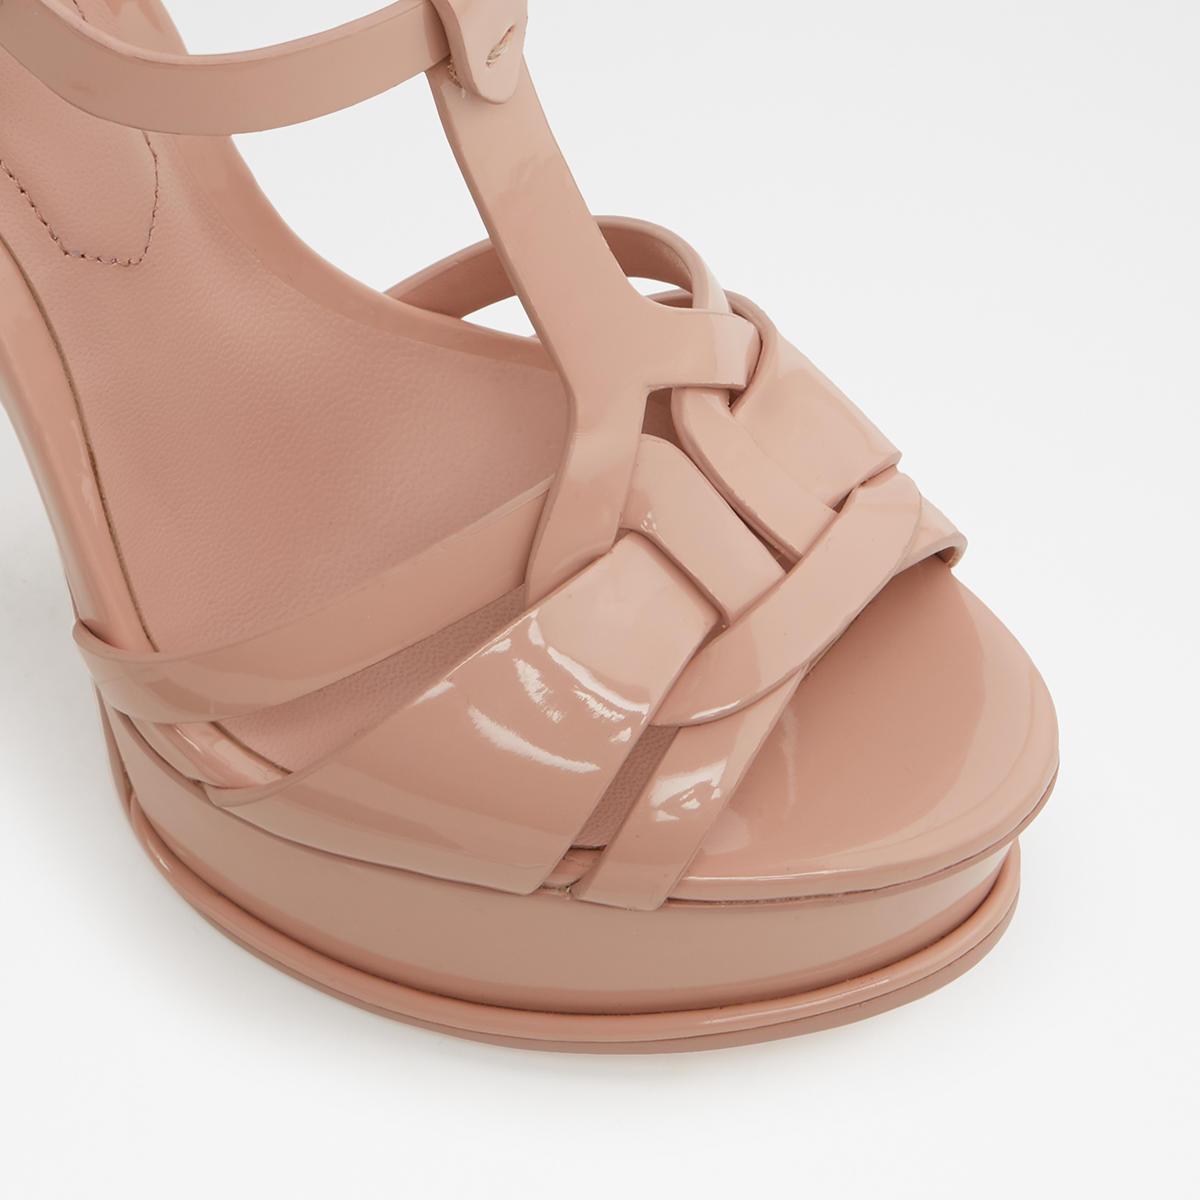 95ef42ba7a2 Chelly Light Pink Women s Platform sandals